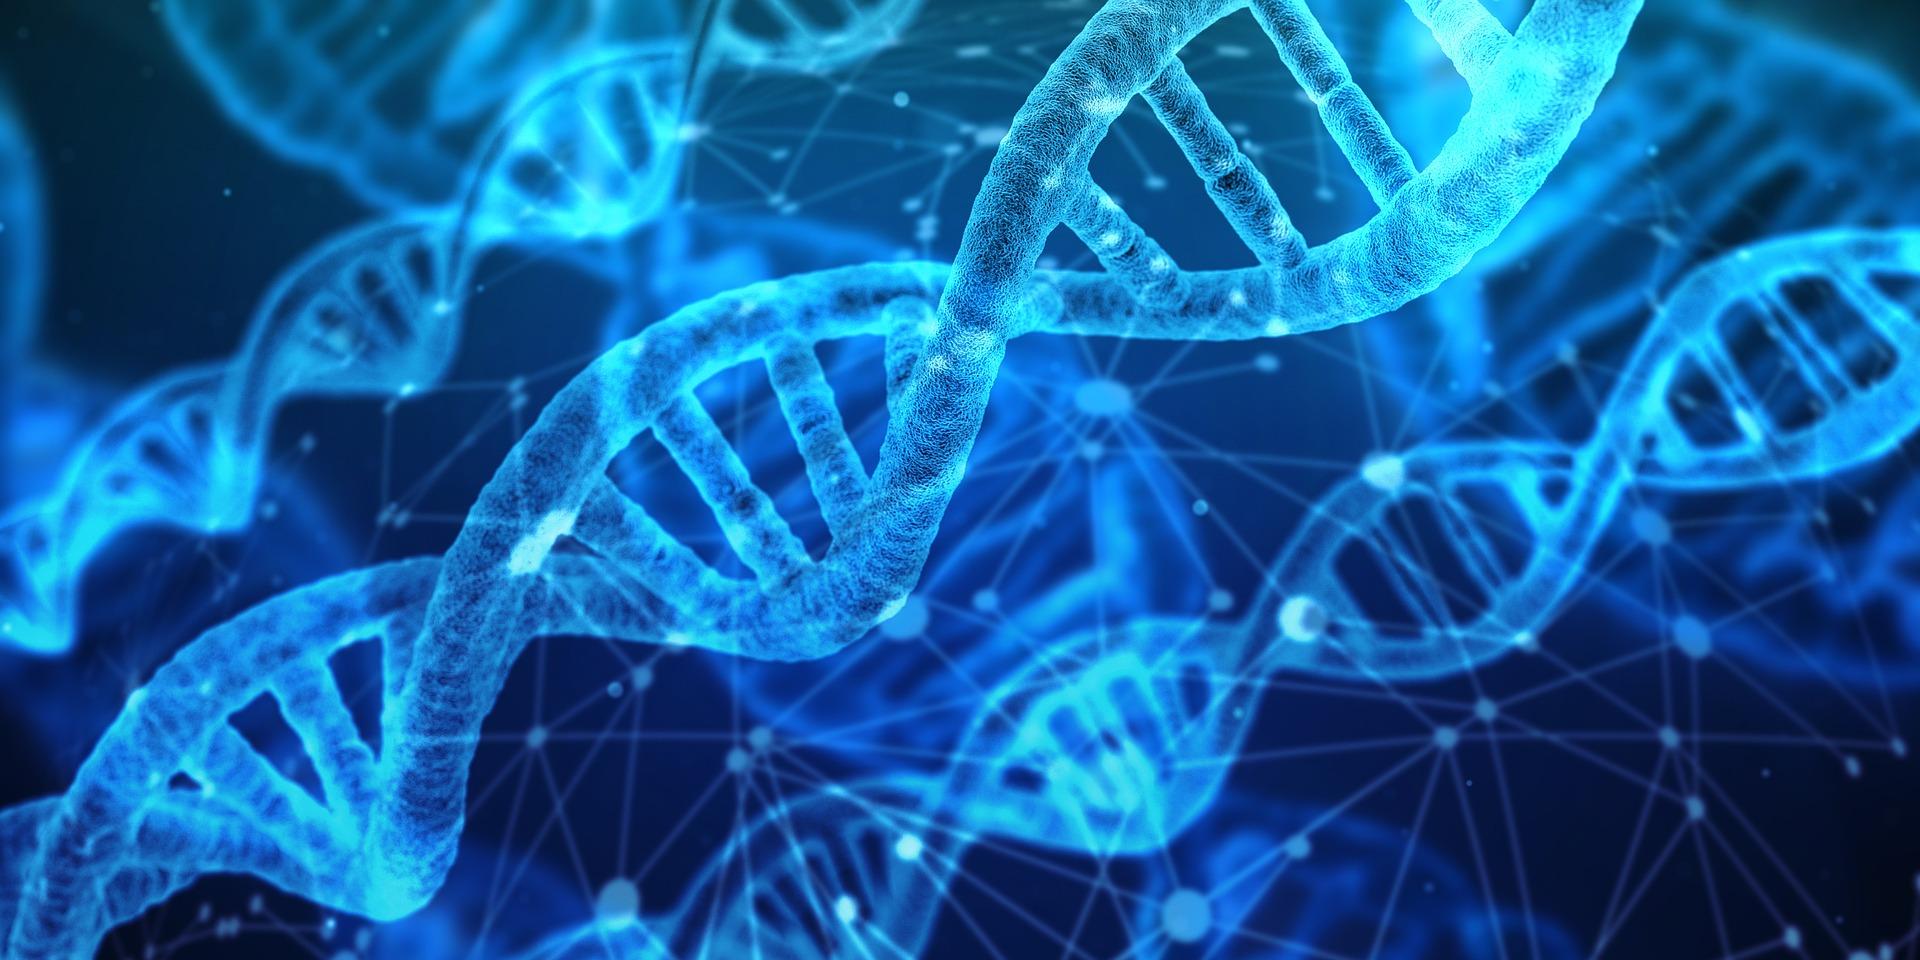 Az evolúciós folyamat a kutatók által irányított módon is végbemehet